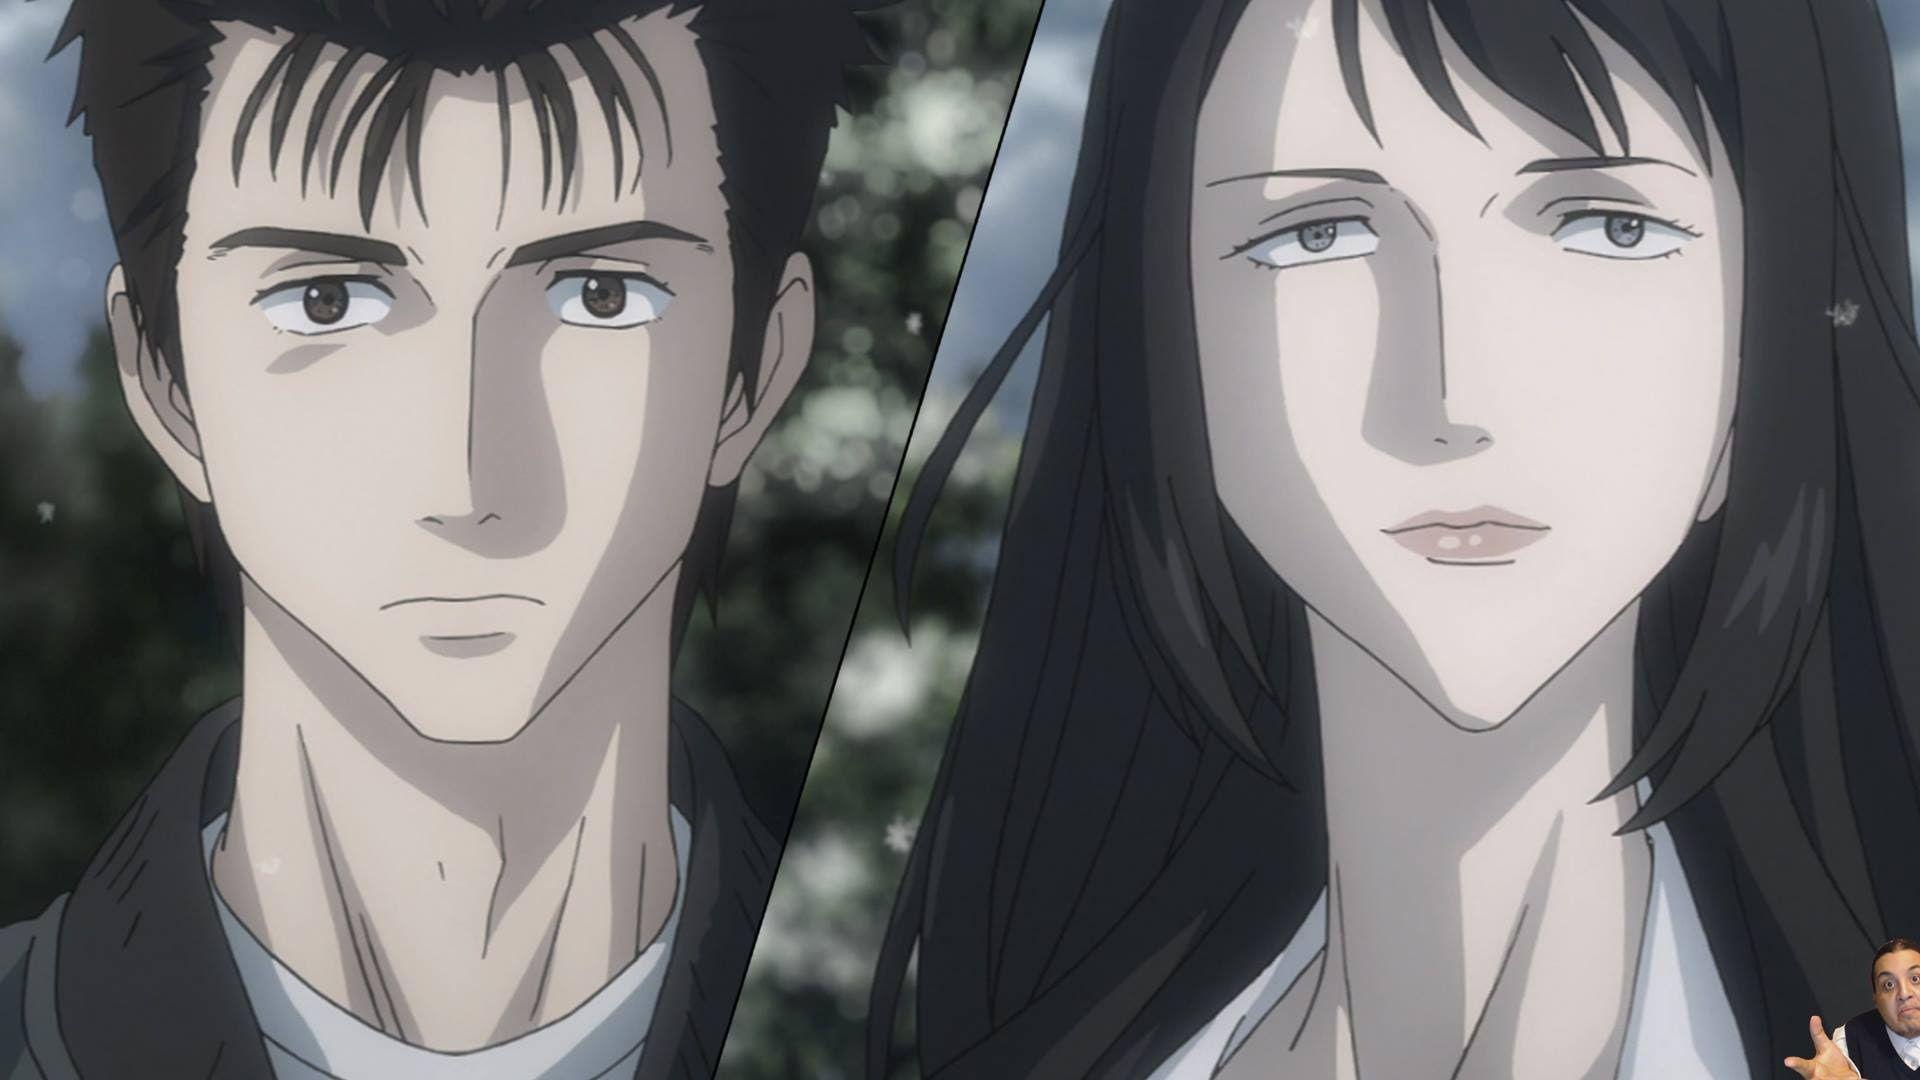 Parasyte The Maxim Episode 17 寄生獣 セイの格率 Kiseijū Anime